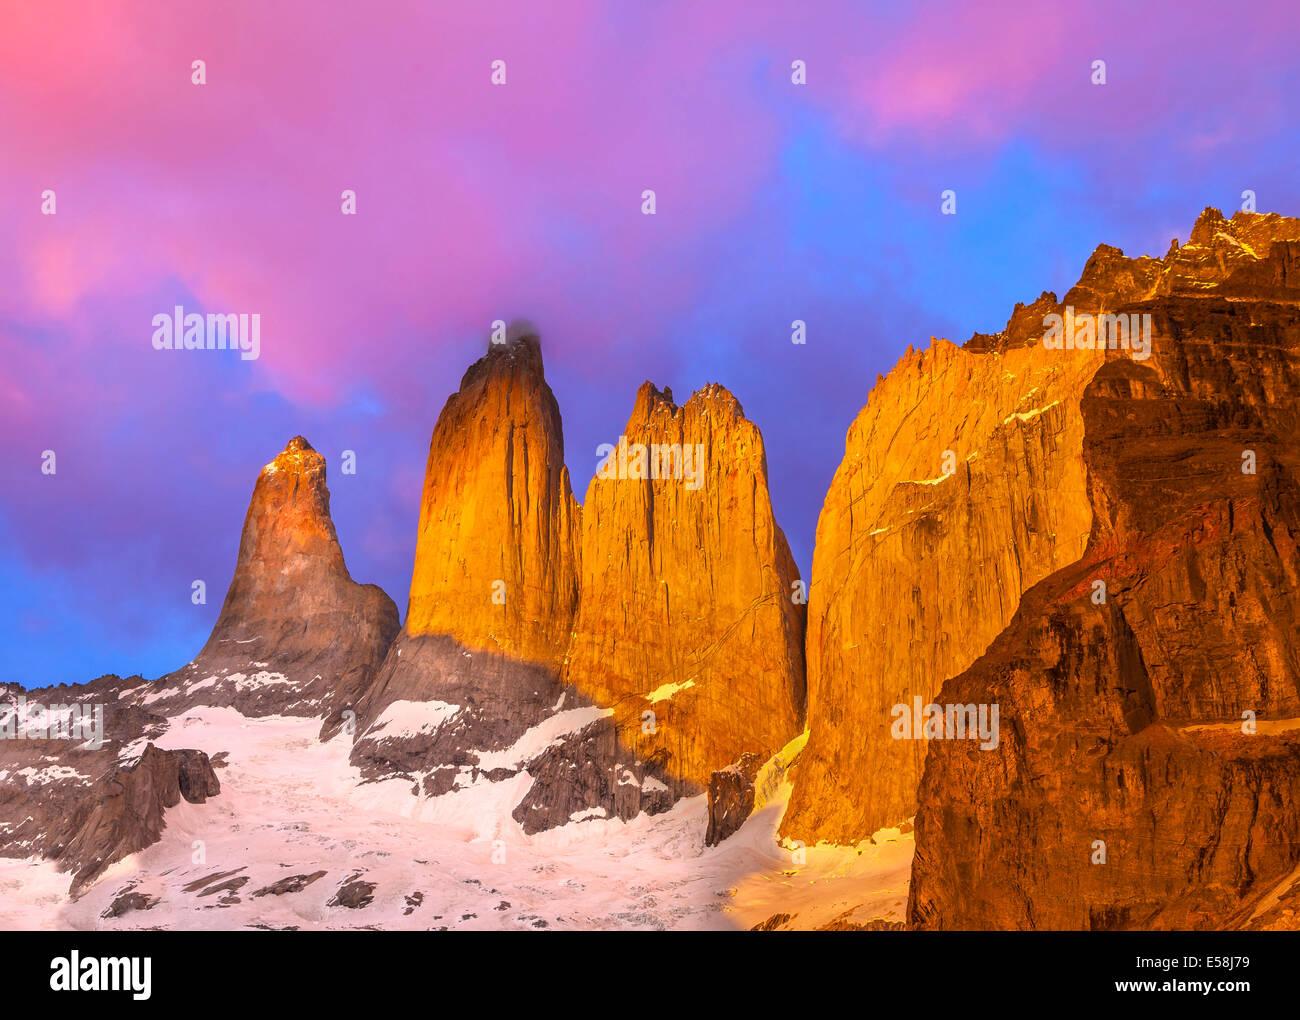 Wunderschönen Sonnenaufgang im Torres del Paine Nationalpark, Patagonien, Chile Stockbild